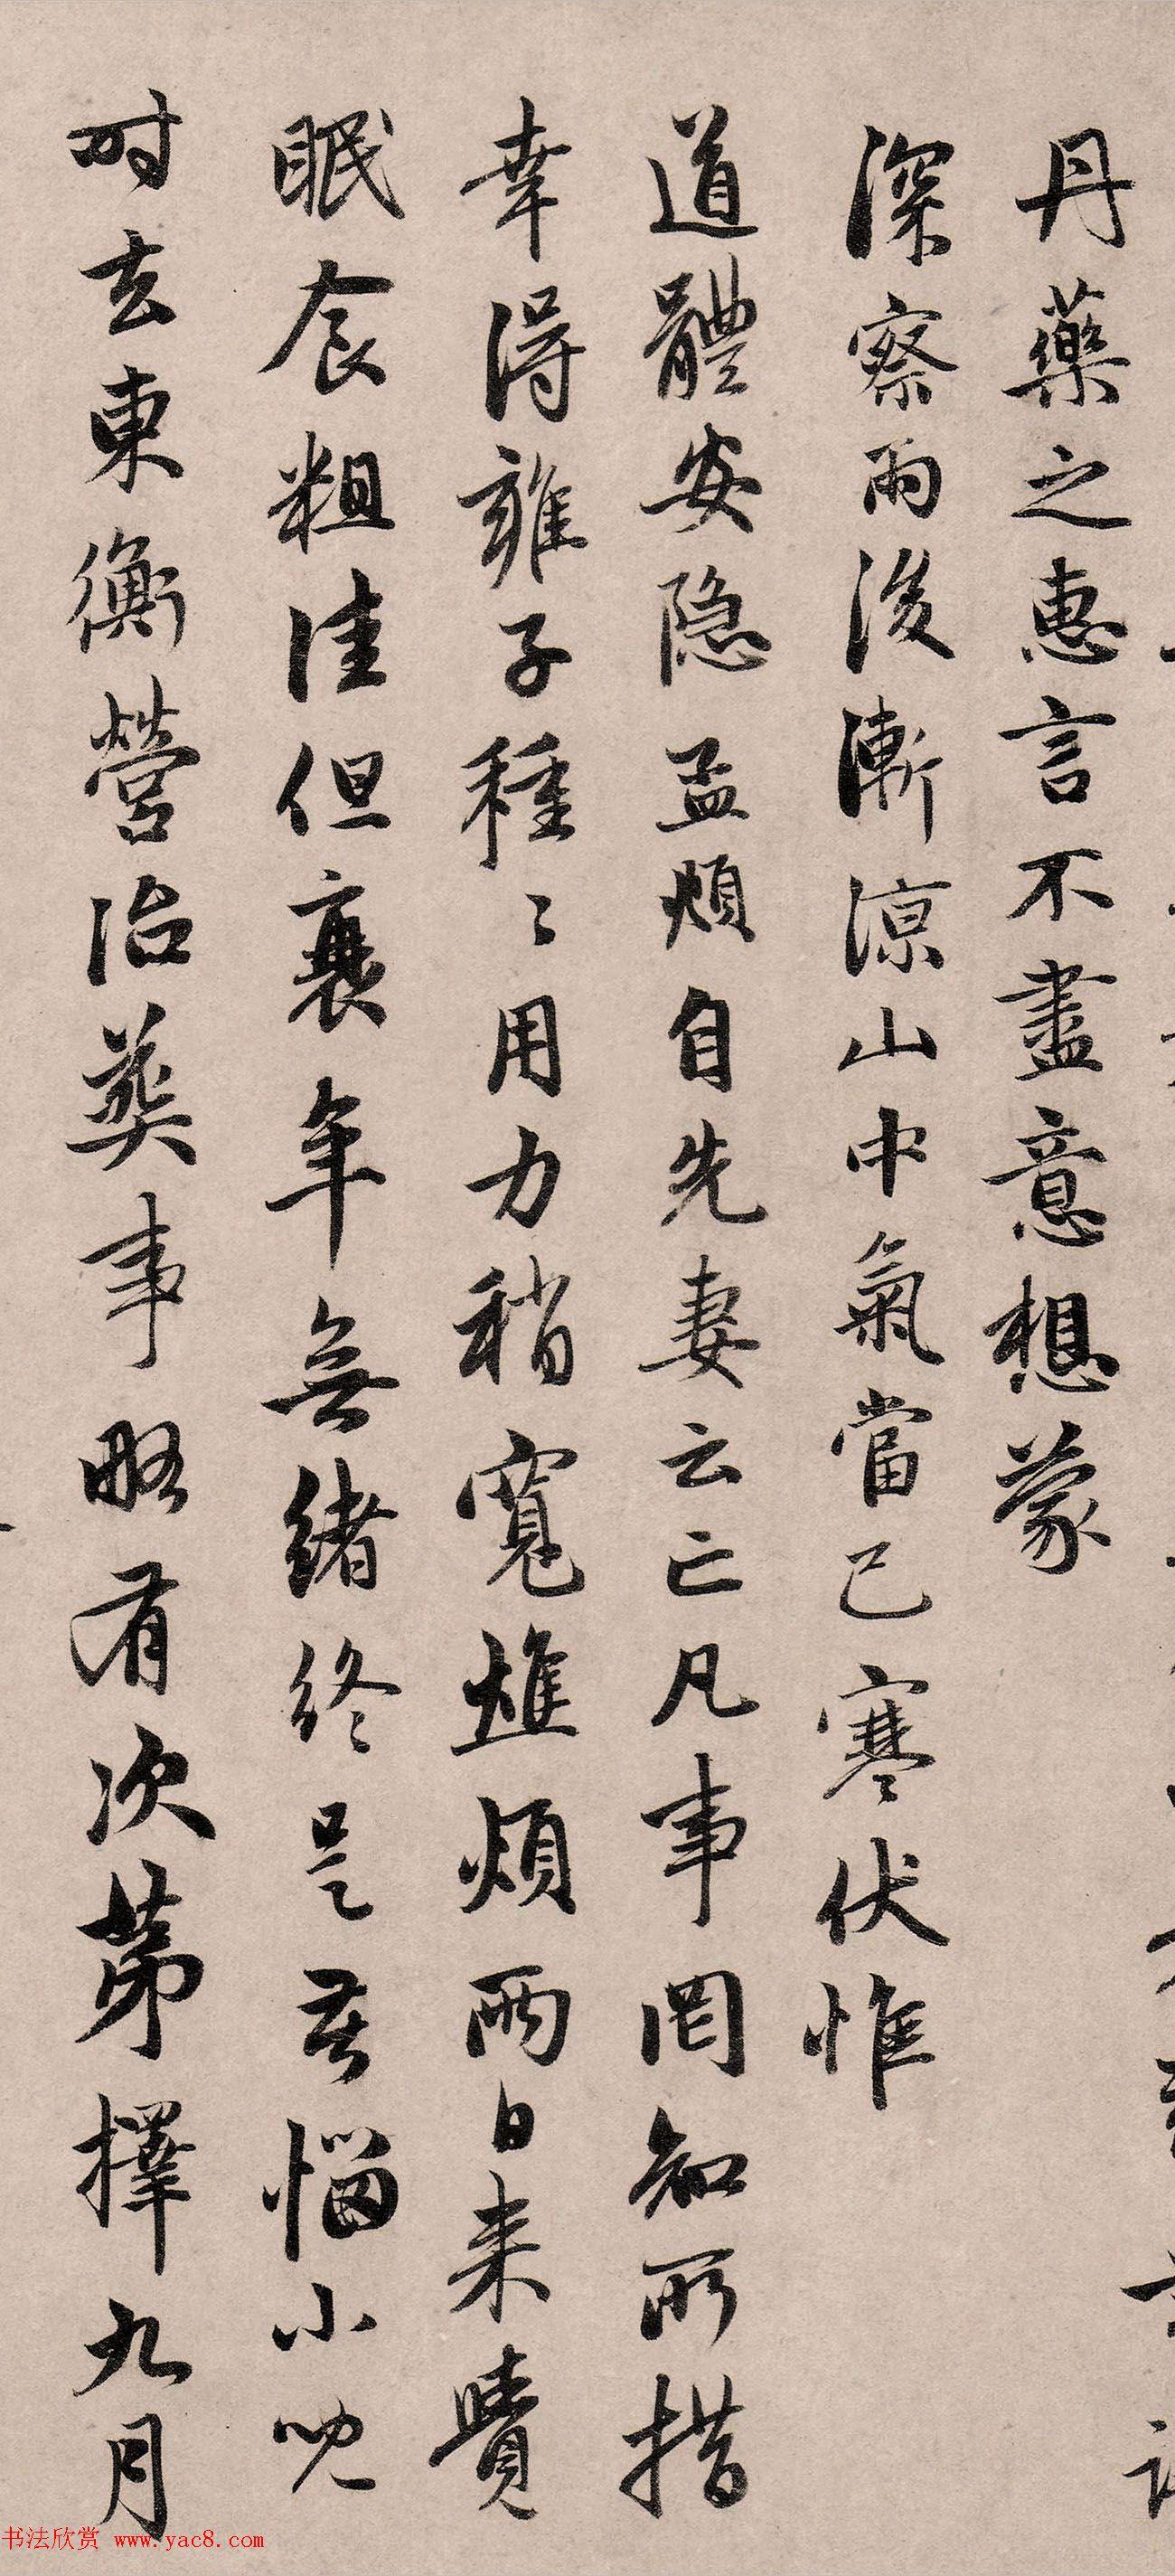 赵孟頫66岁行书《丹药帖》